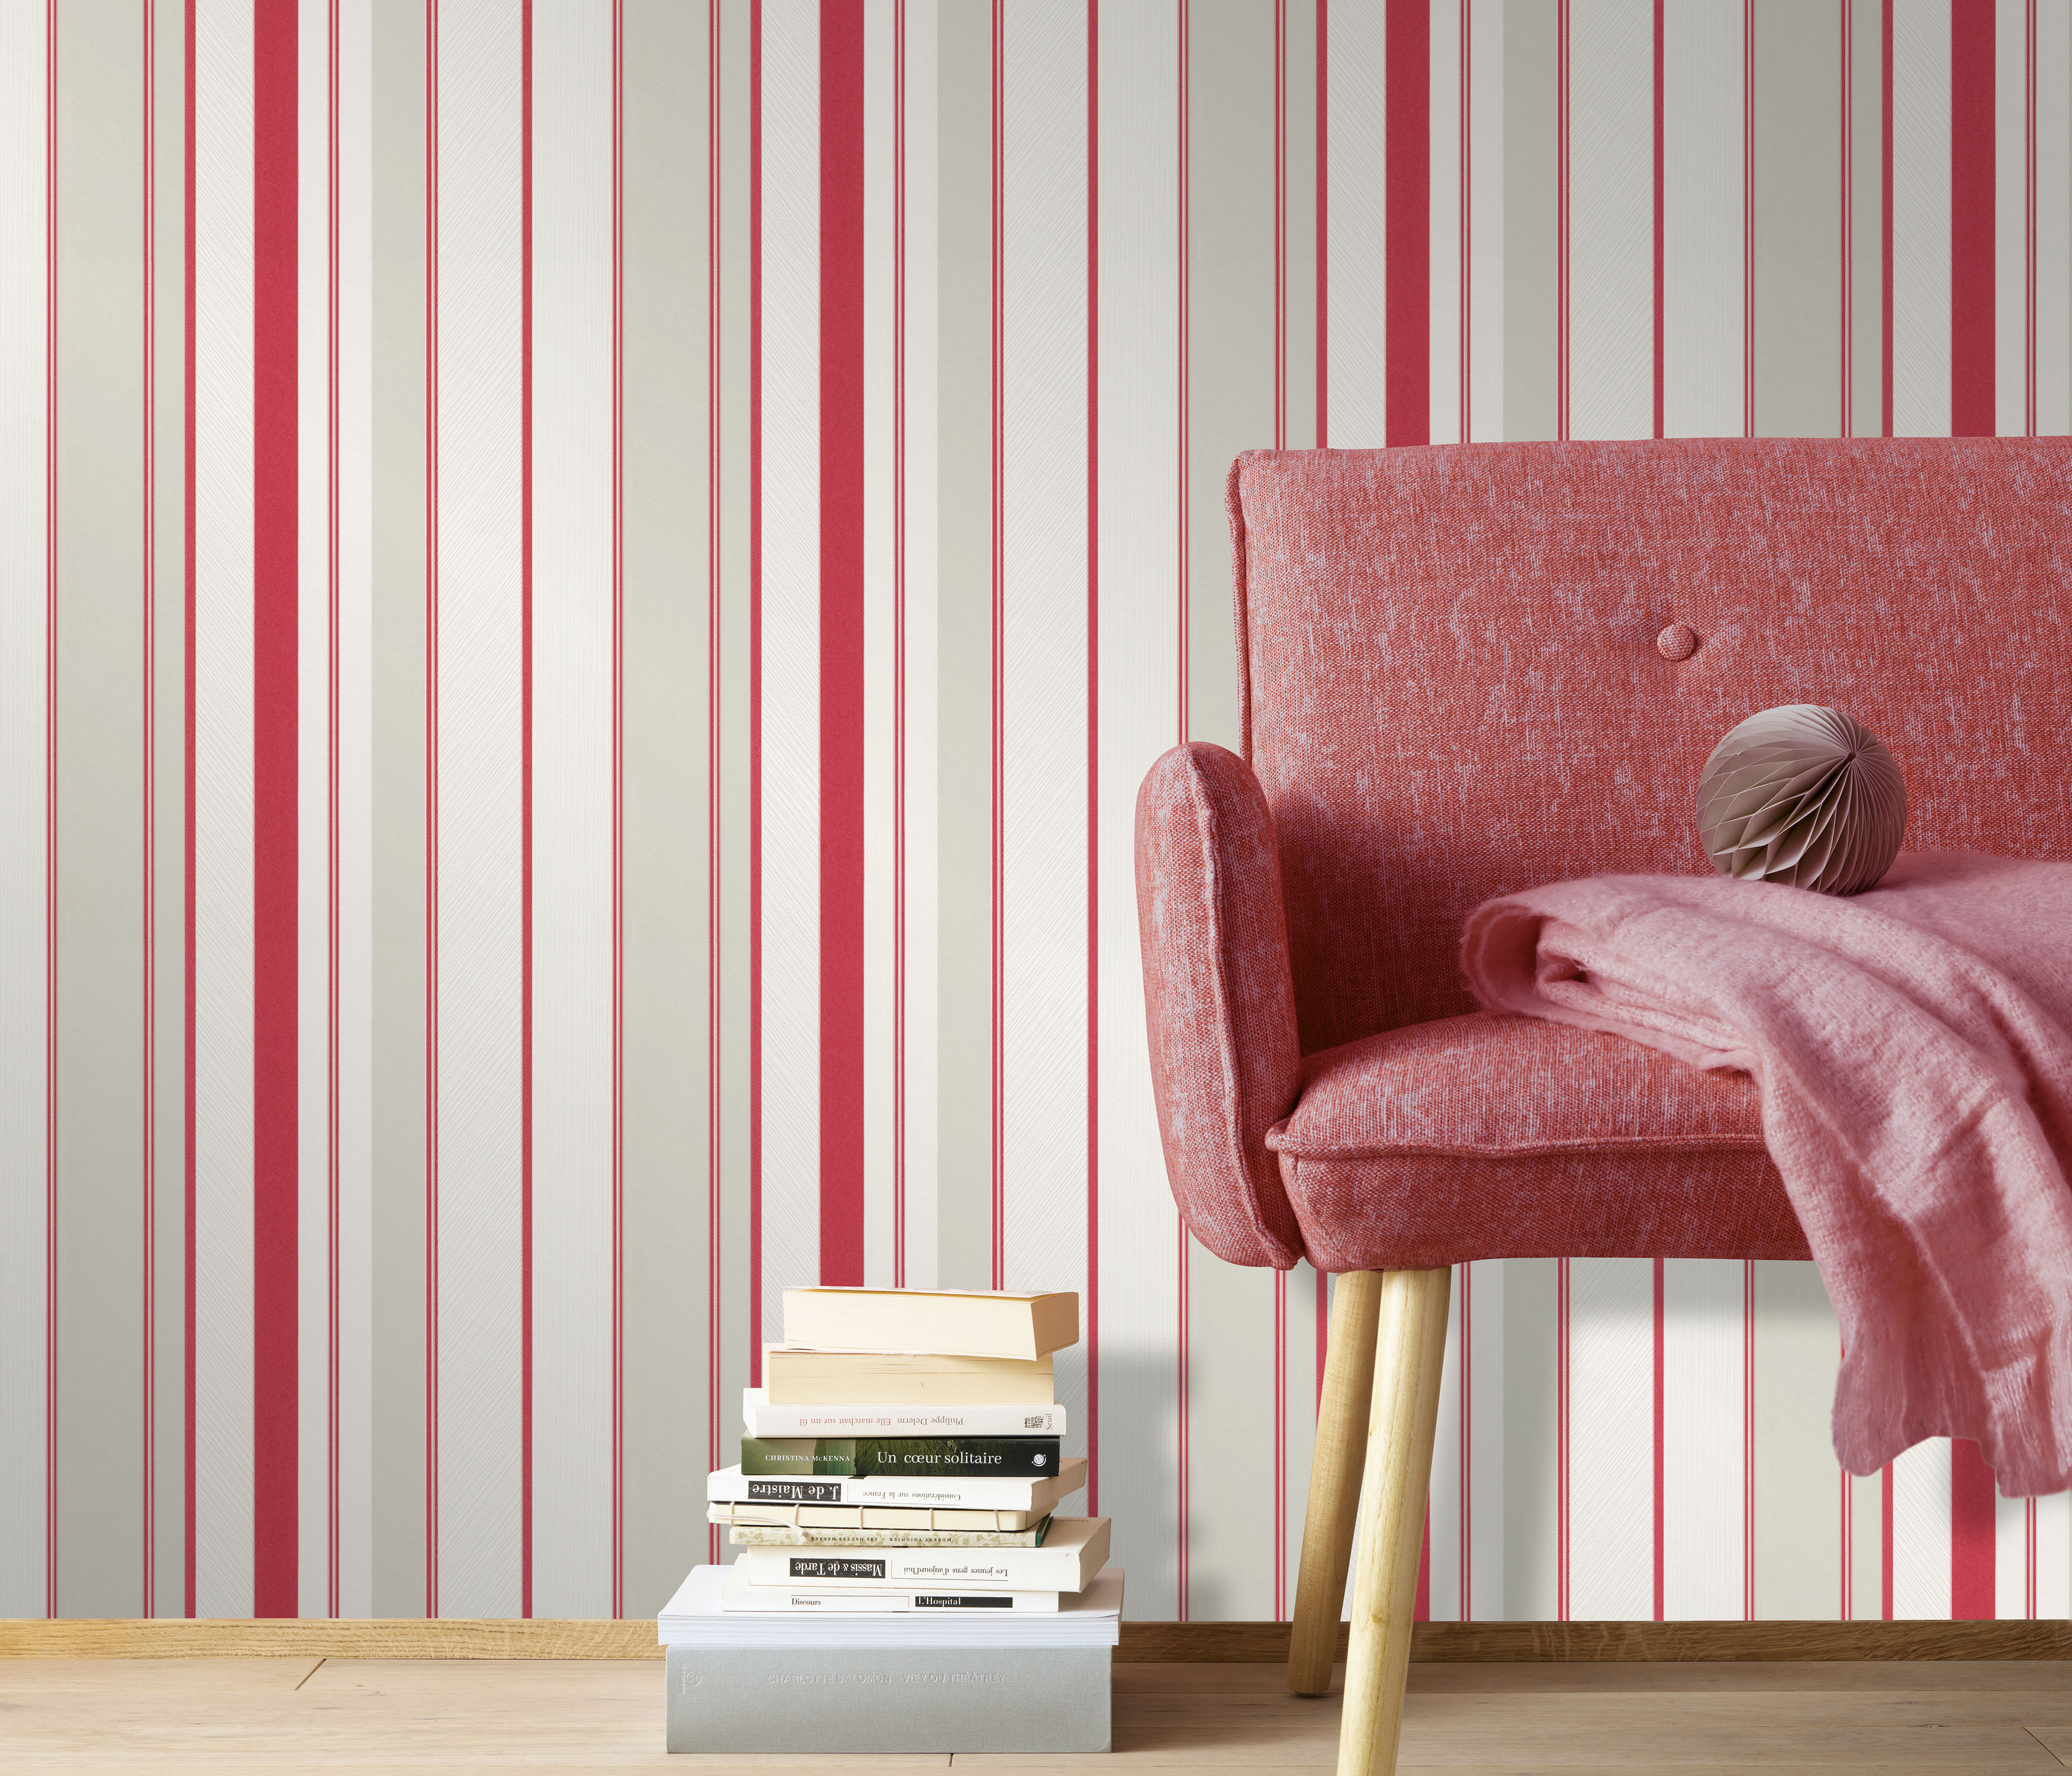 helle Vliestapete mit roten Streifen, roter Sessel